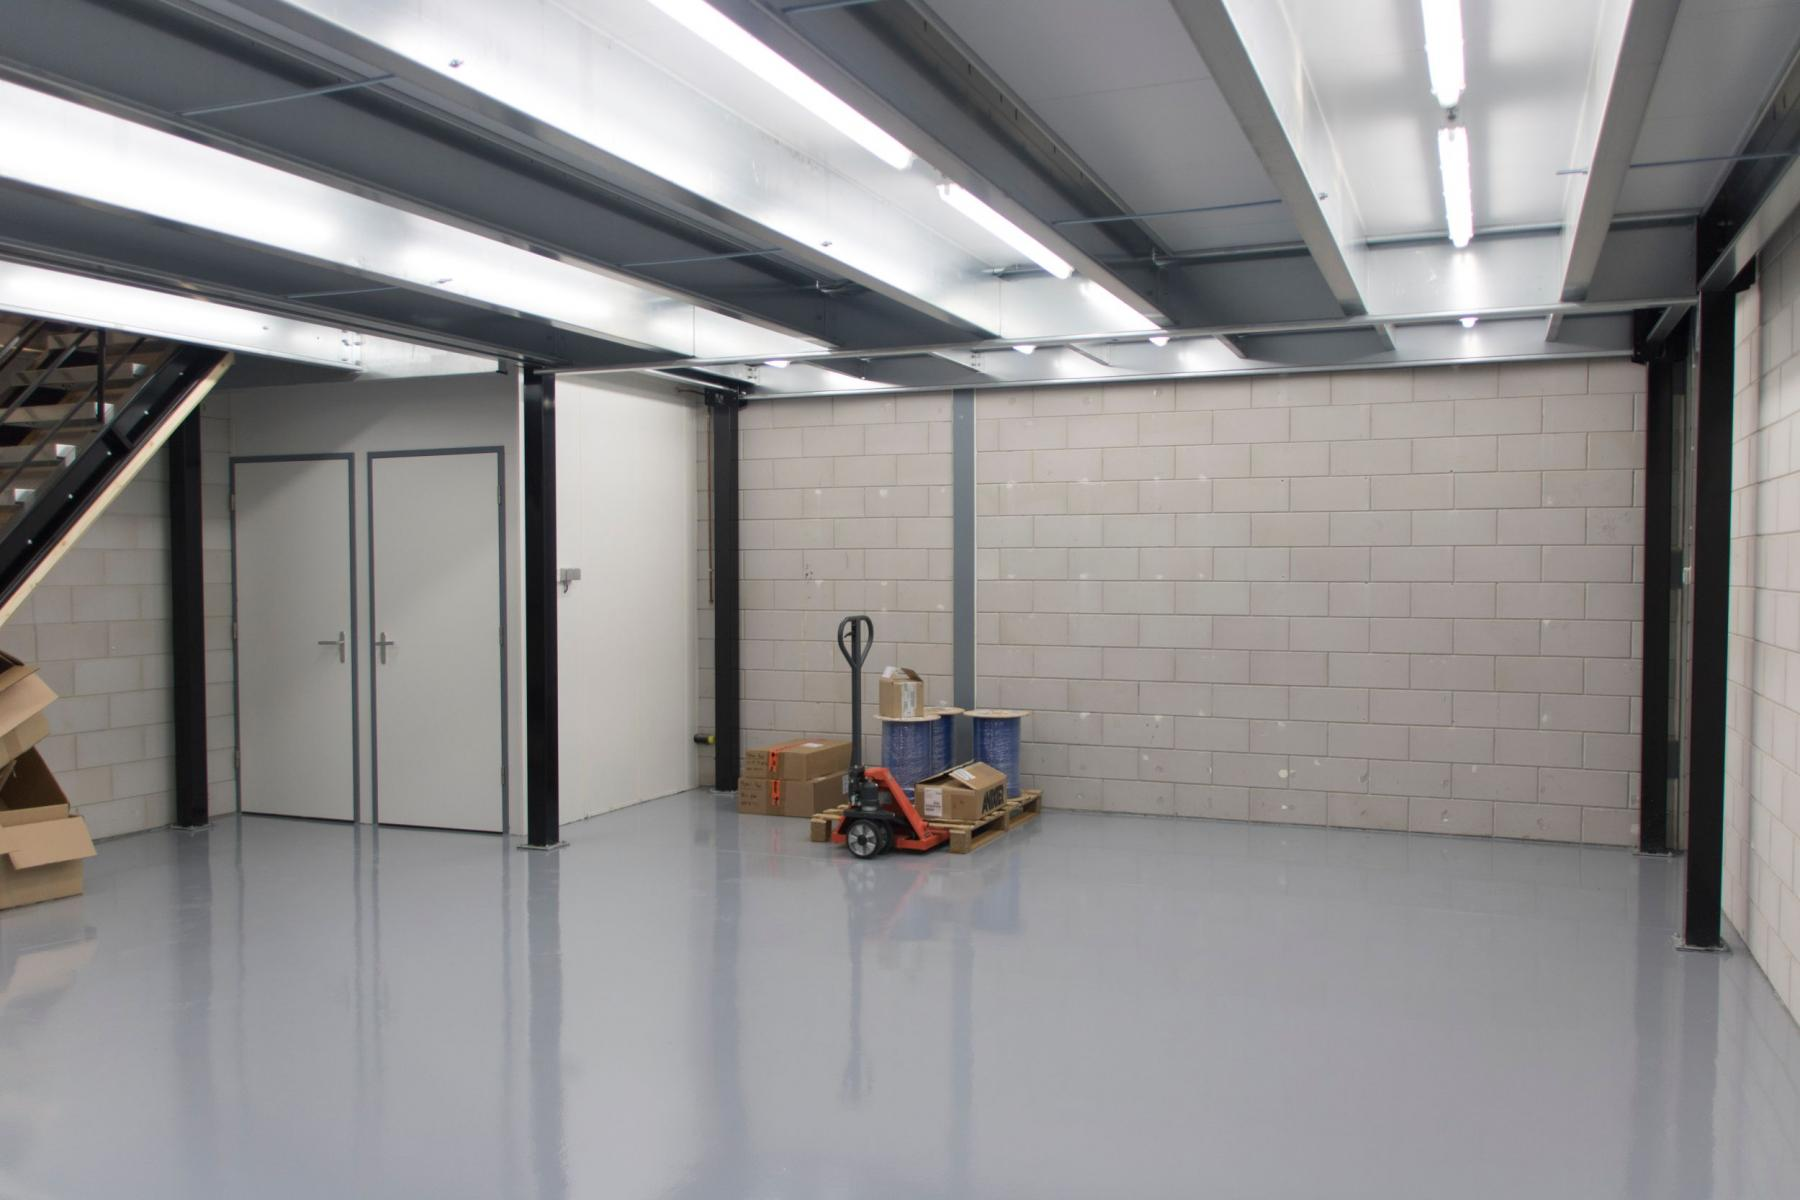 kantoorruimte huren aan kerkhofstraat in valkenswaard met opslagruimte